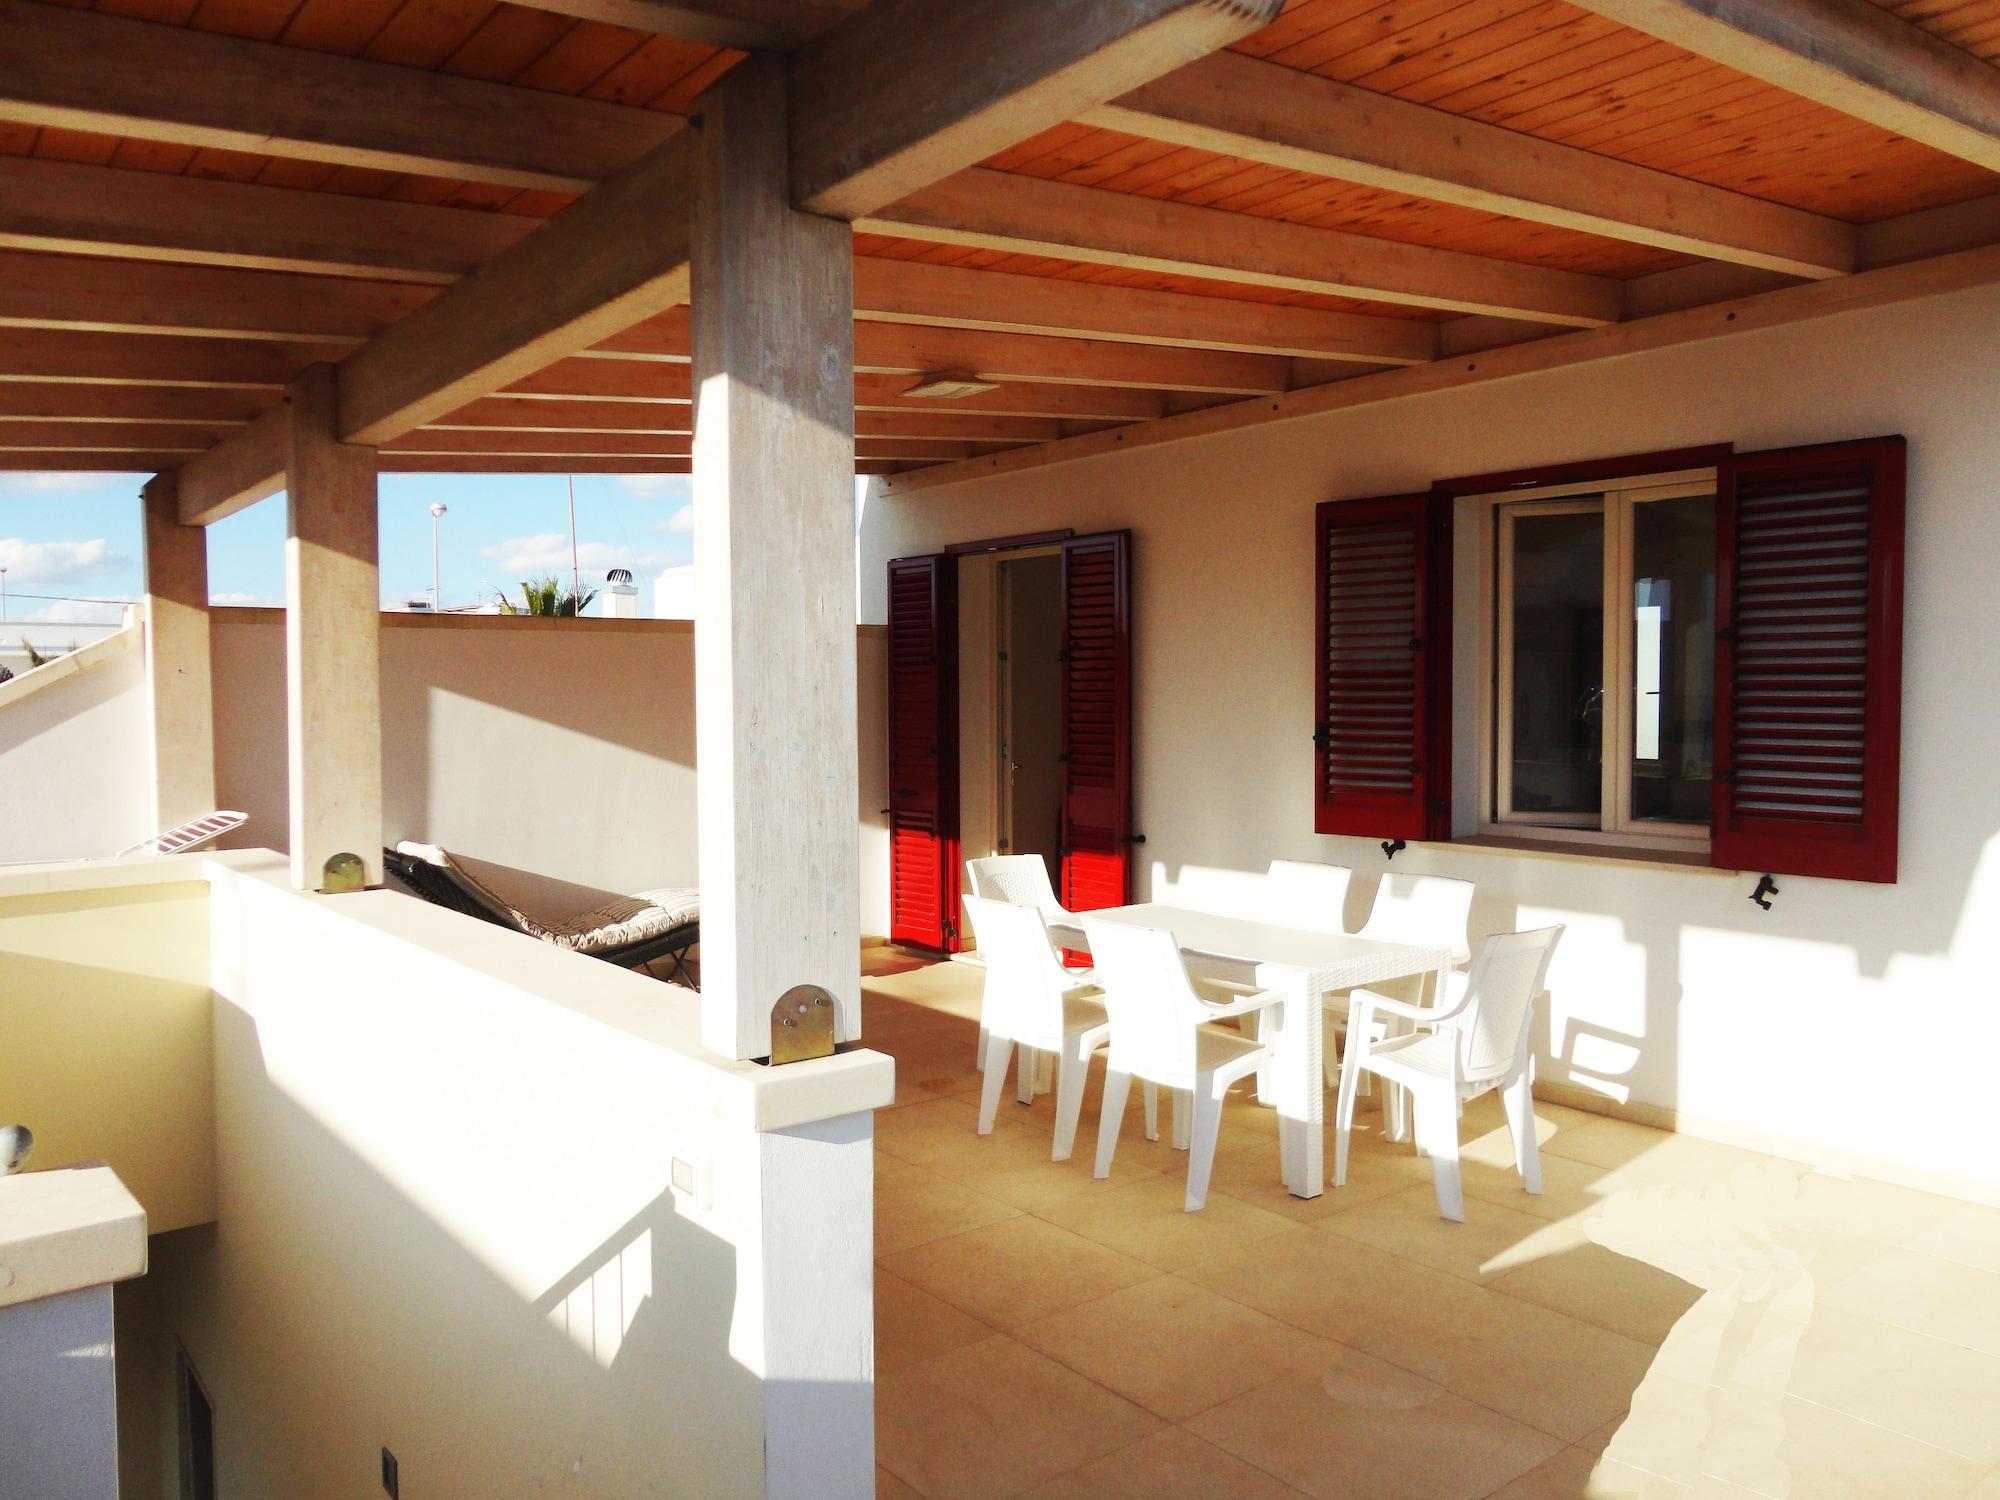 VersoSud - Apartment Vicino Lungomare 09, Lecce